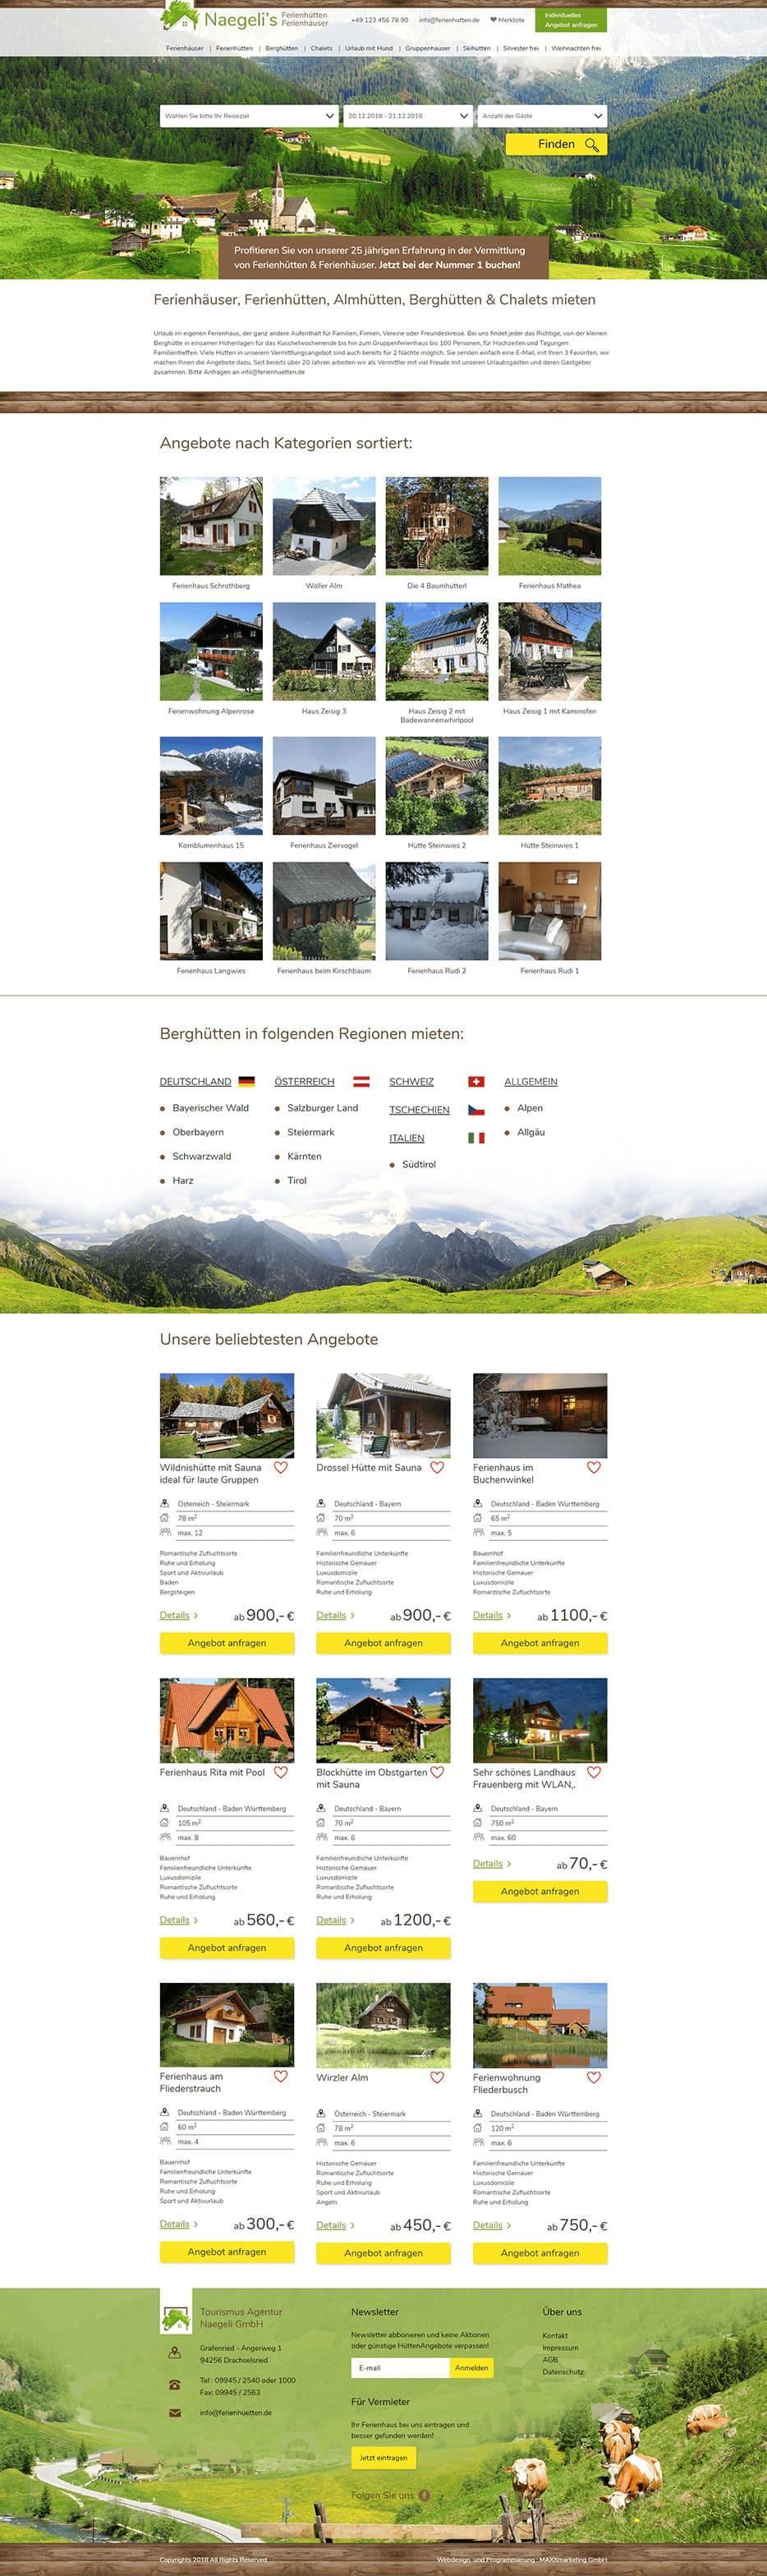 Webdesign für Ferienhäuser Ferienwohnungen